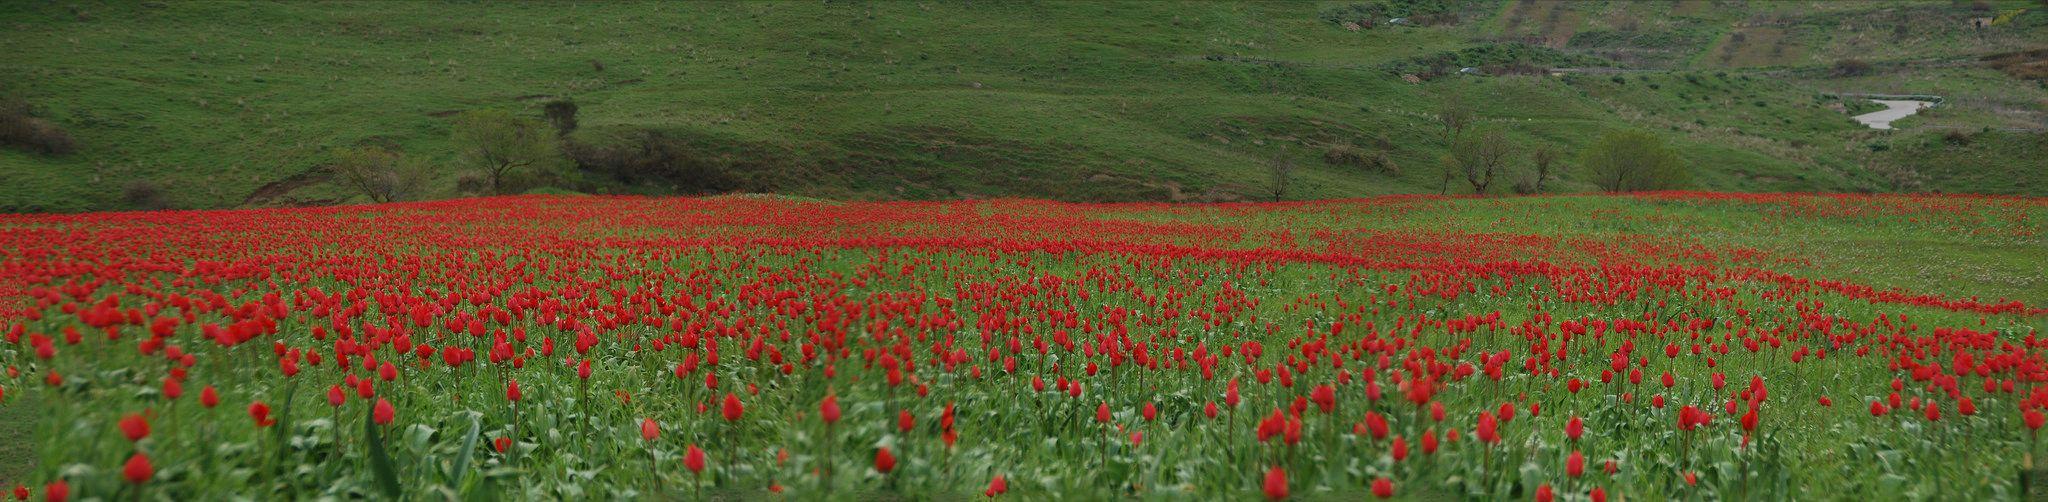 https://flic.kr/p/UXBpd2 | Tulipani a Blufi_edited-1 | La fioritura dei tulipani a Blufi in primavera in un campo vicino la Madonna dell'Olio.